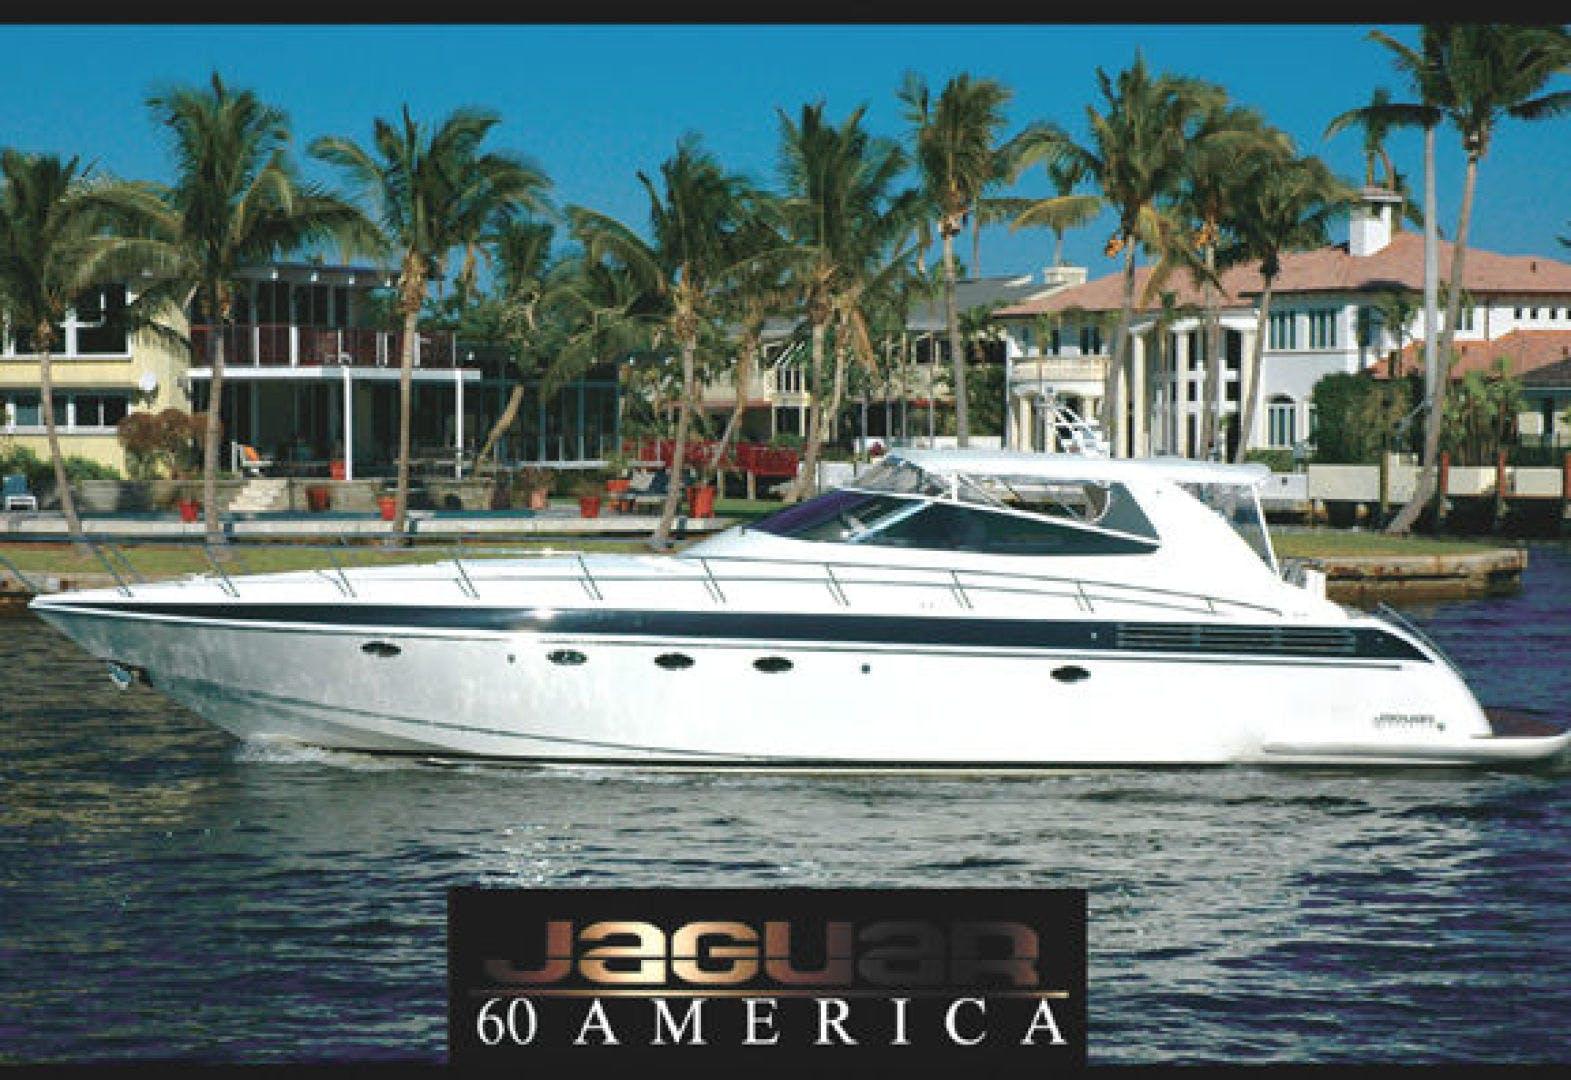 2005 Euromarine 60' Jaguar 60 America    Picture 1 of 9